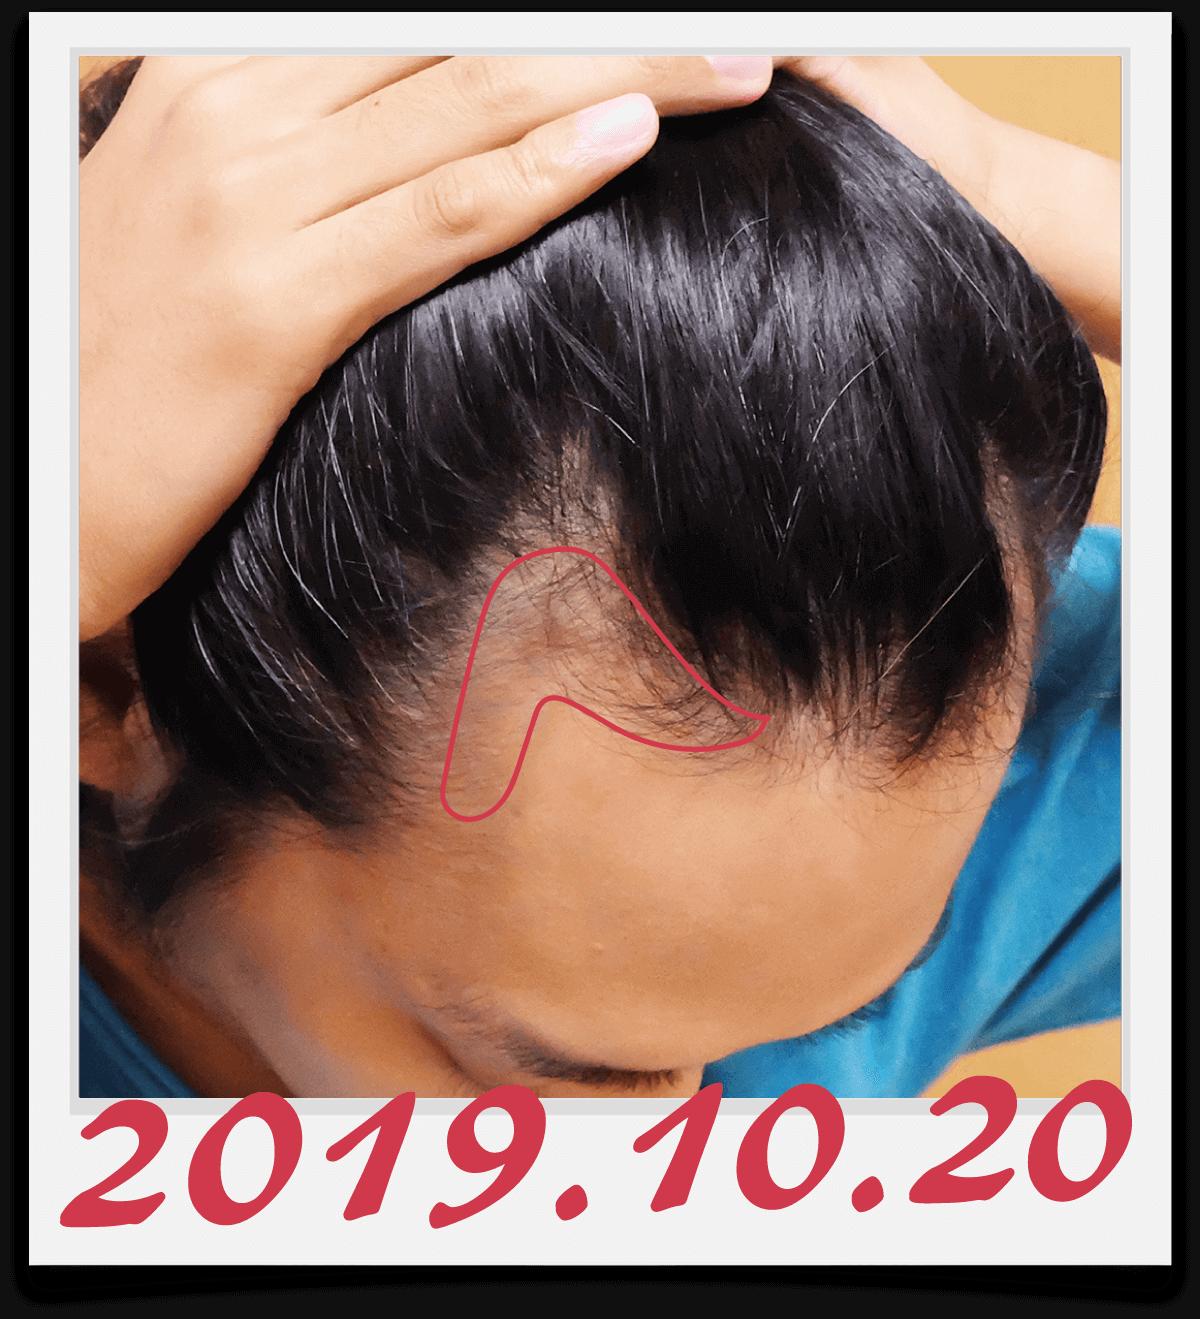 右側生え際の、半年で髪が生えてきた範囲